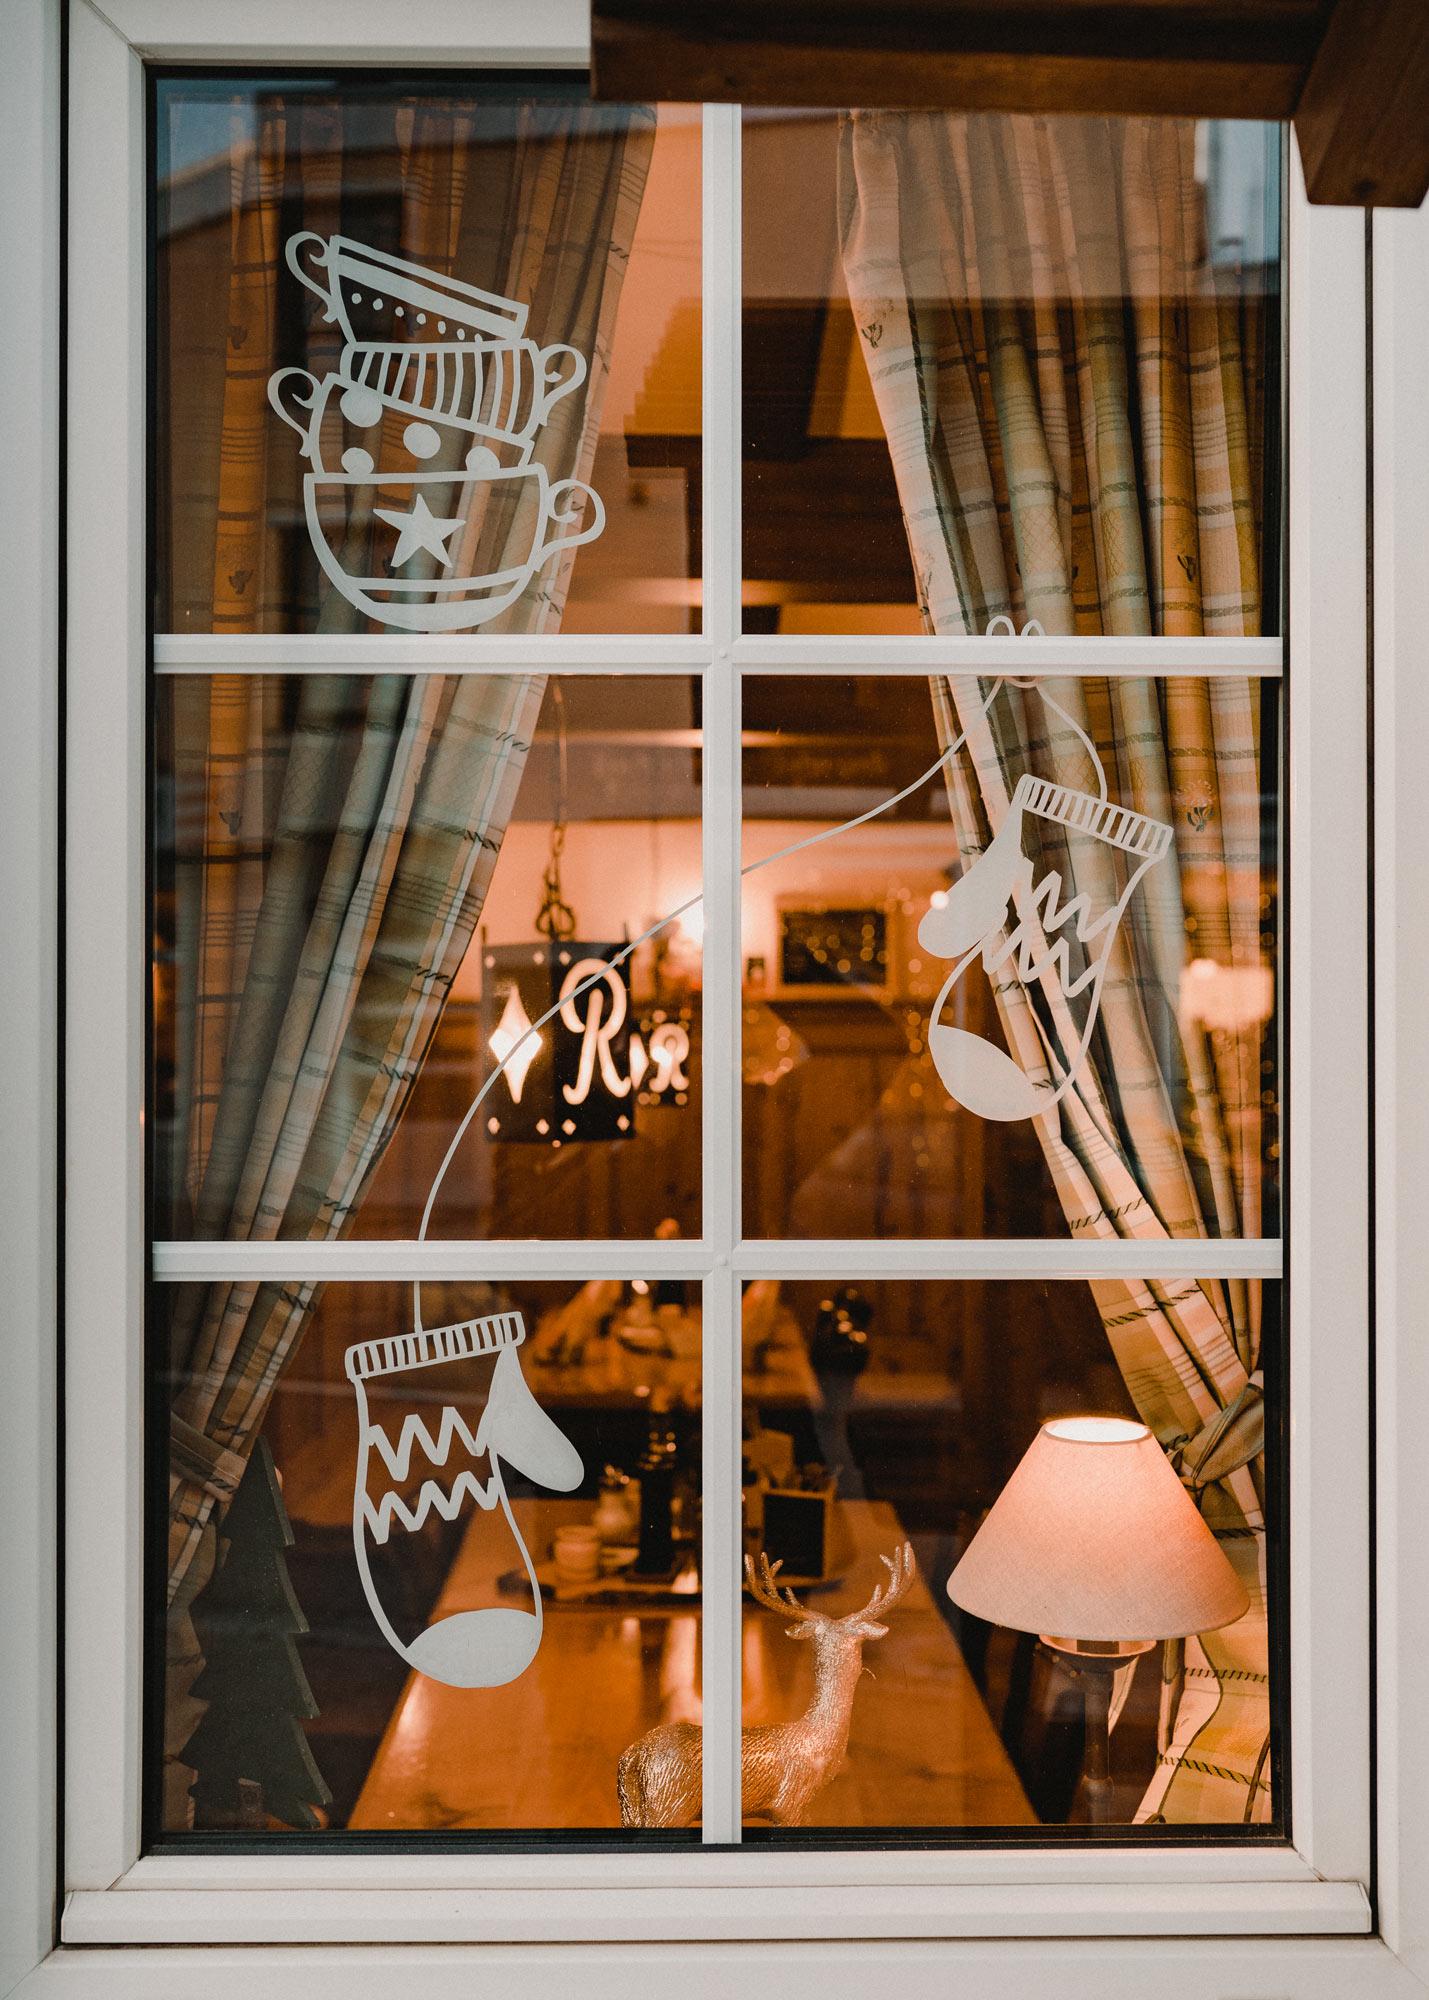 Gasthausfenster mit weißer Bemalung: Ein Stapel Tassen, und ein paar Kinderhandschuhe, die an einer Schnur hängen.